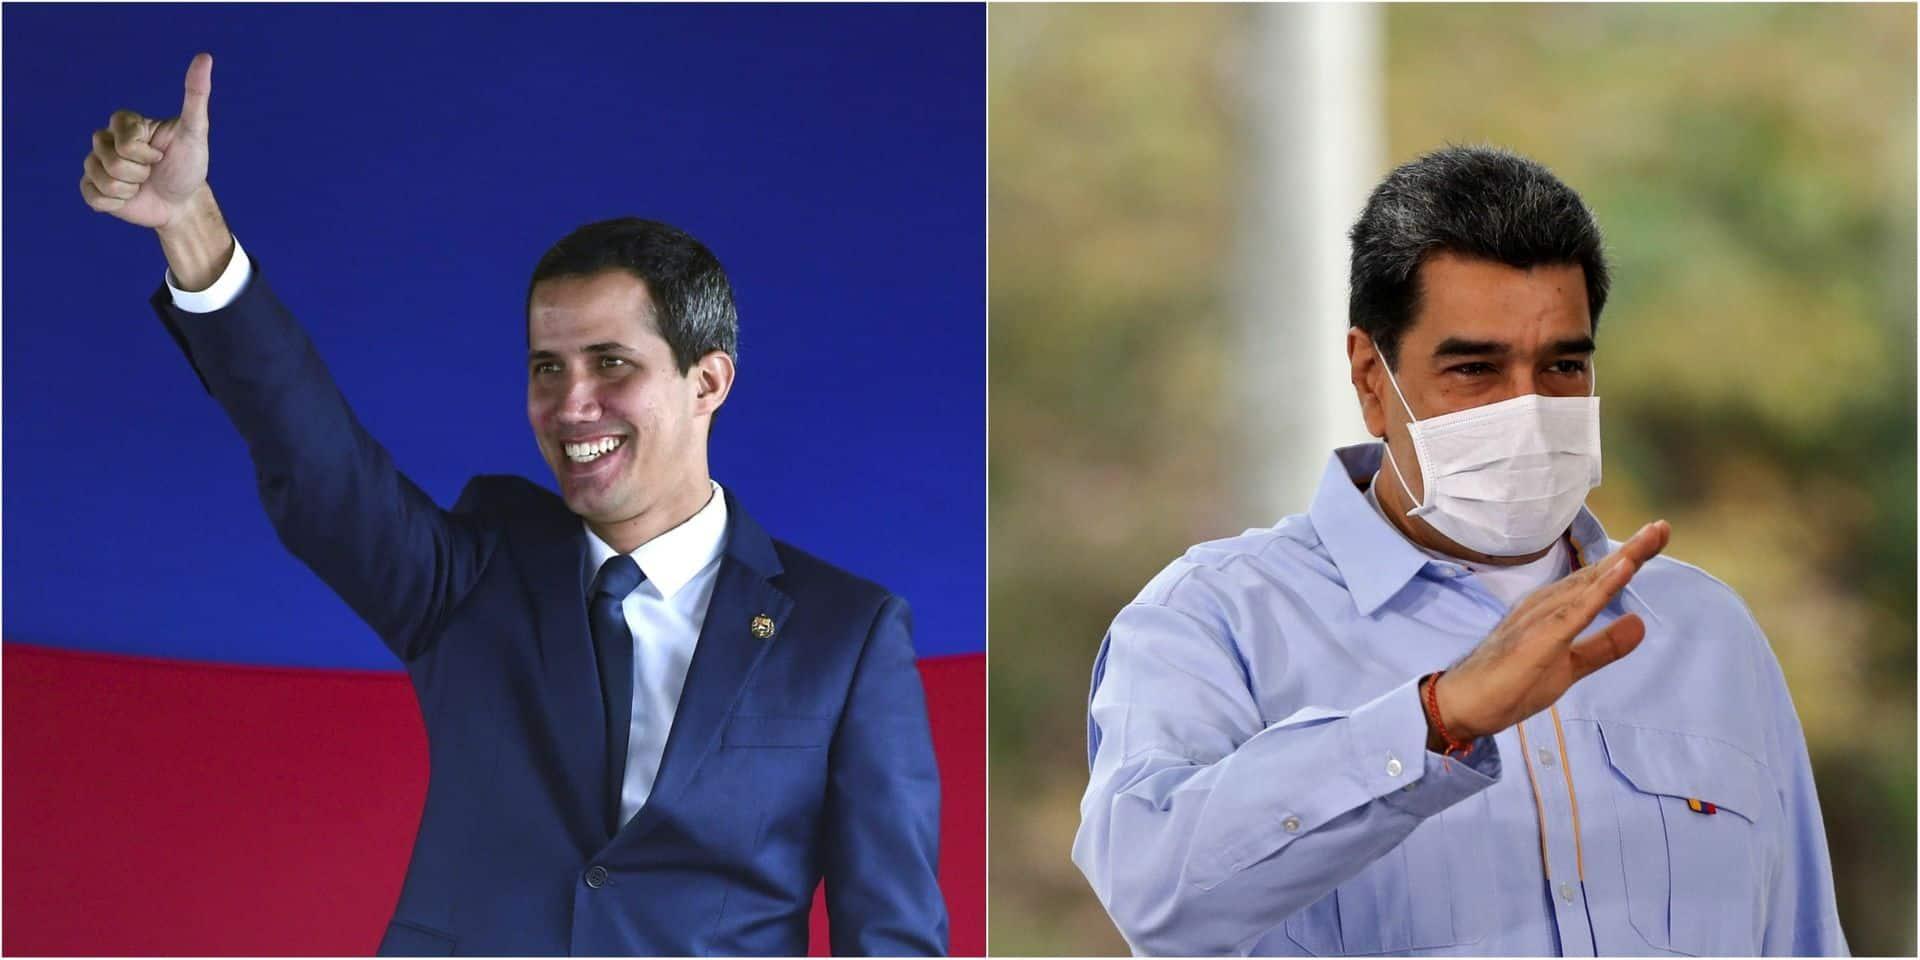 Maduro ou Guaido? La justice britannique doit se prononcer sur qui représente le Venezuela